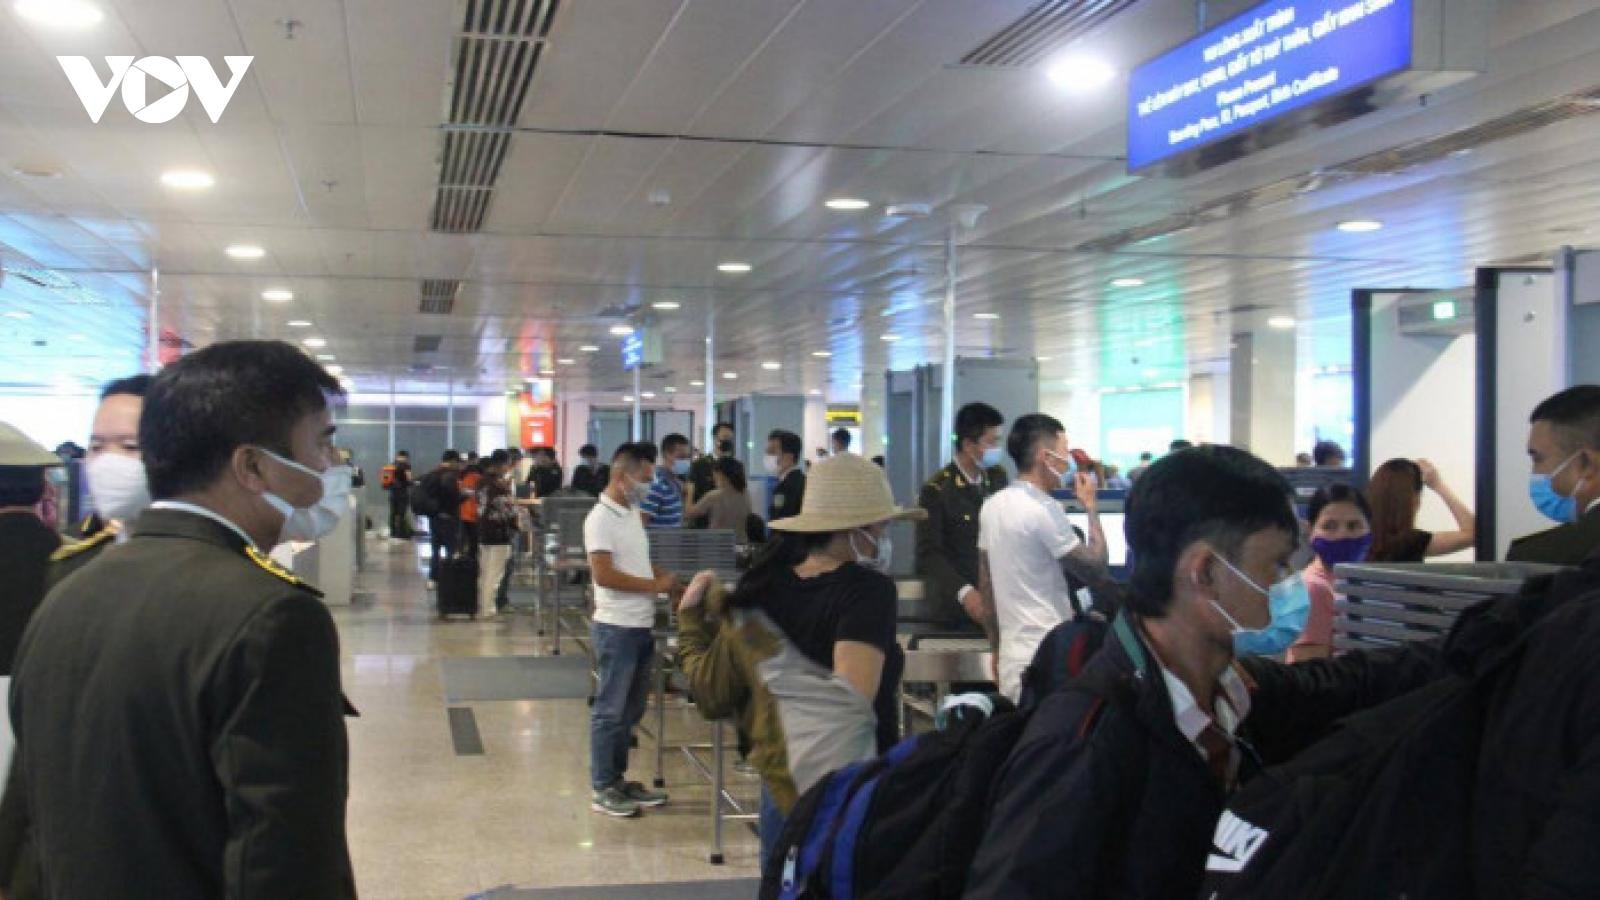 Sân bay Tân Sơn Nhất lắp thêm 5 máy soi an ninh, đã bớt ùn tắc hơn